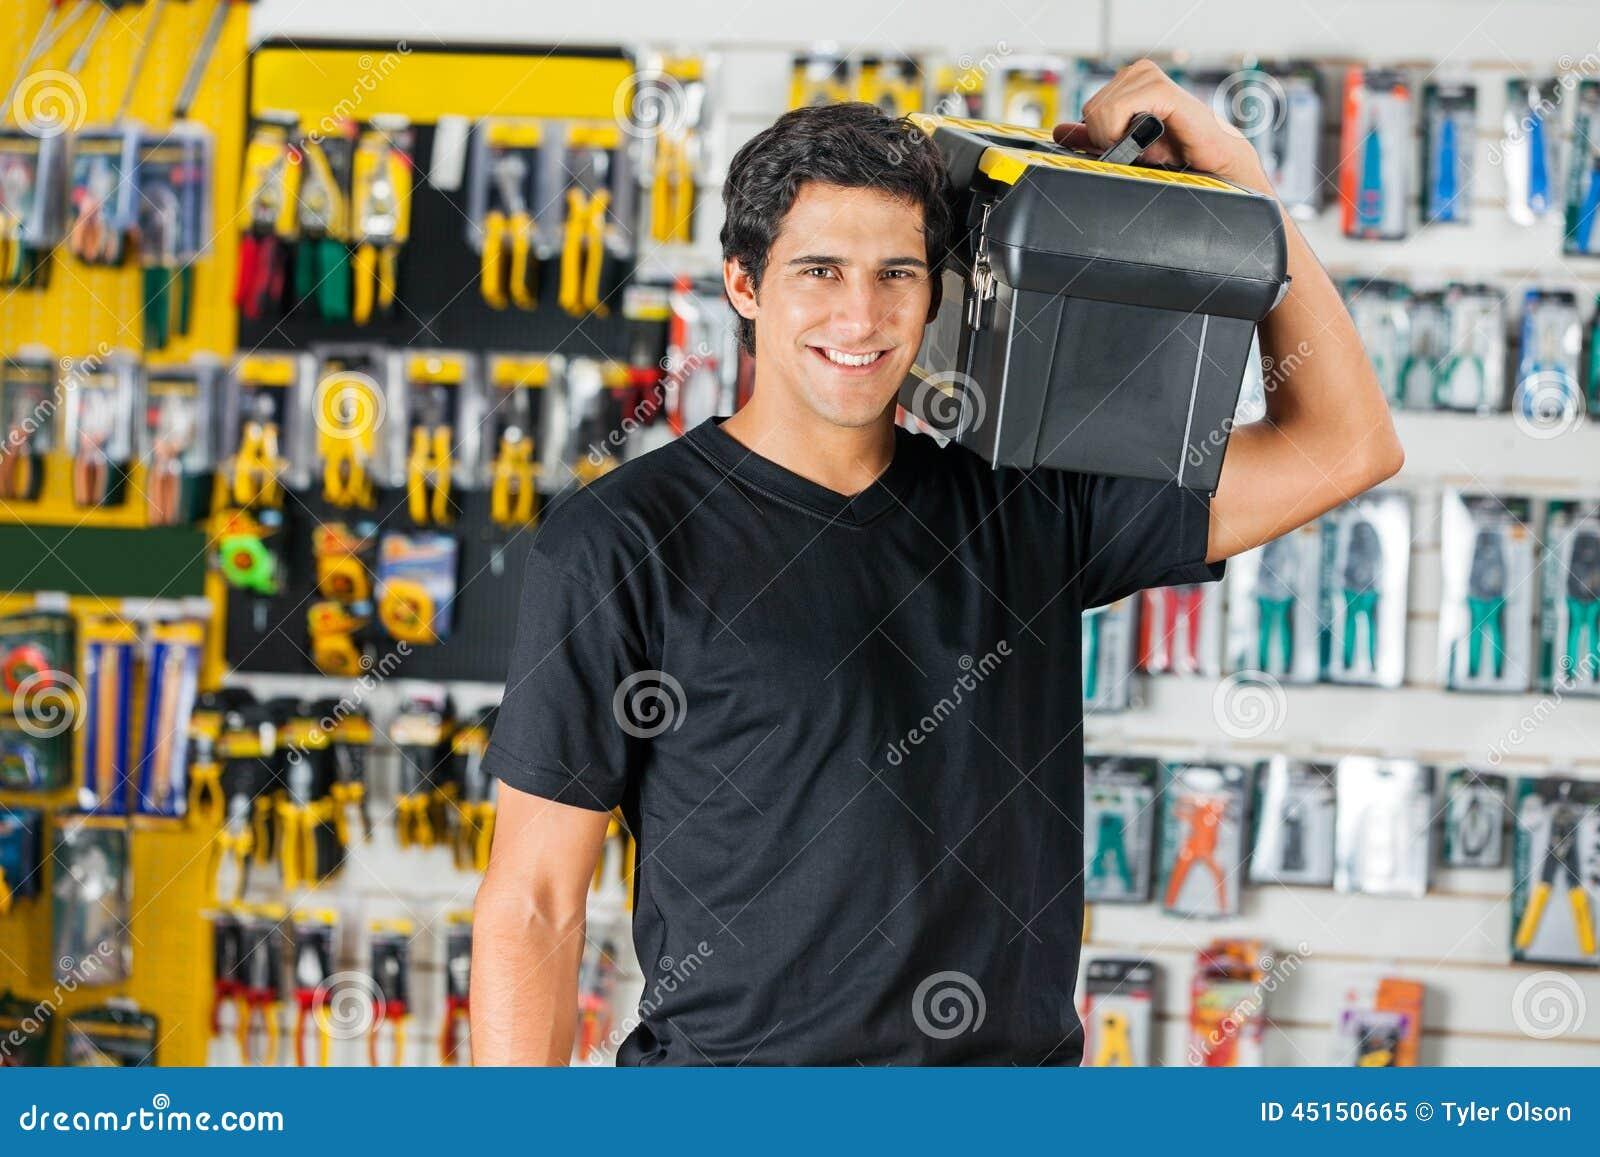 8a6727418 Retrato da caixa de ferramentas levando de sorriso do homem novo no ombro na  loja de ferragens